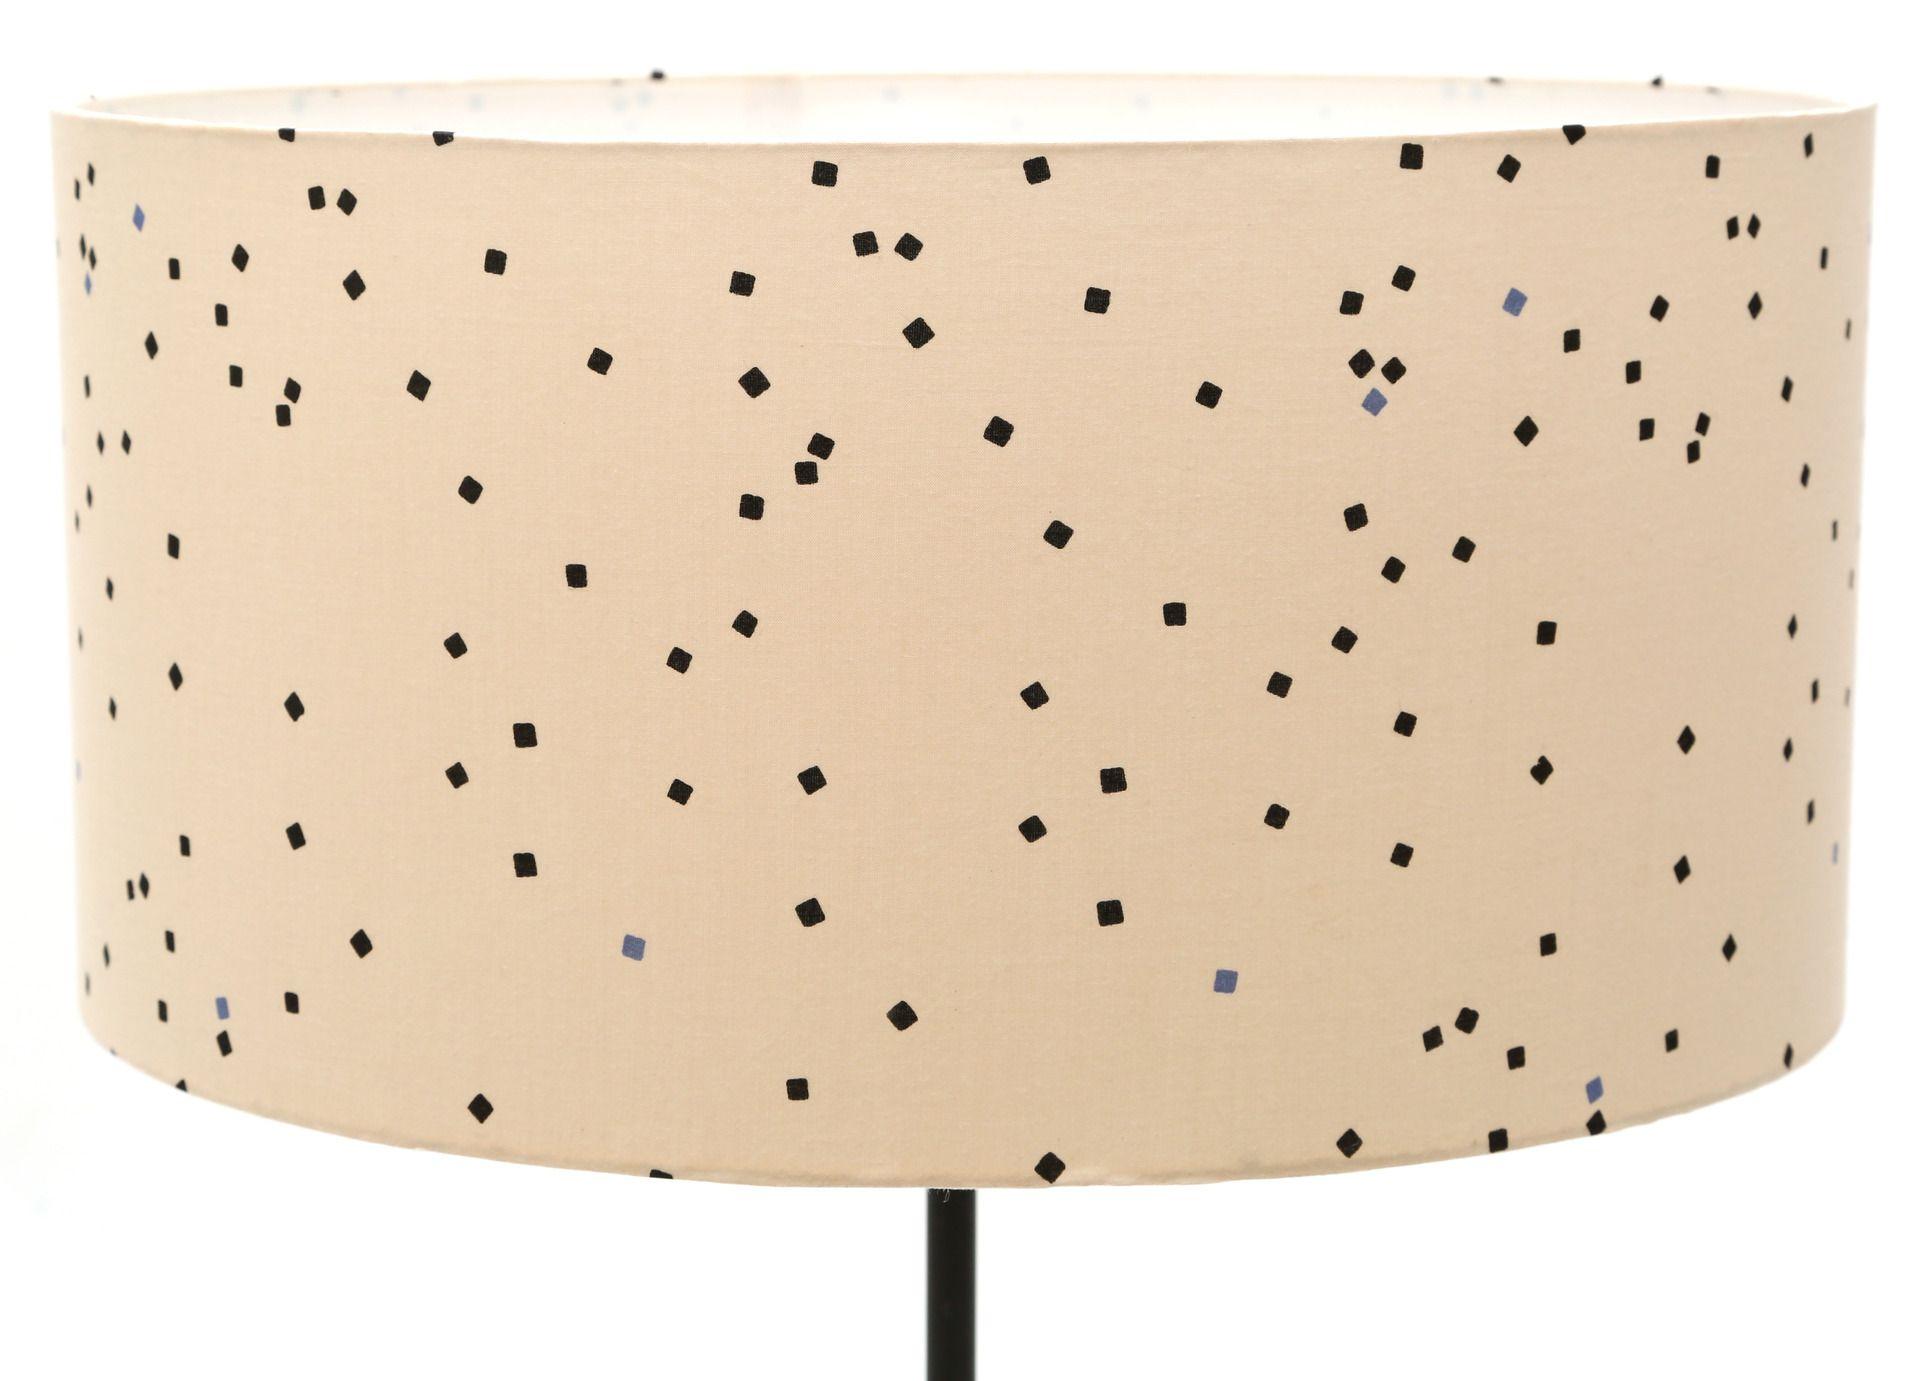 Abat-jour Ø40 / hauteur: 20cm  tissu fond beige carrés noirs et bleus